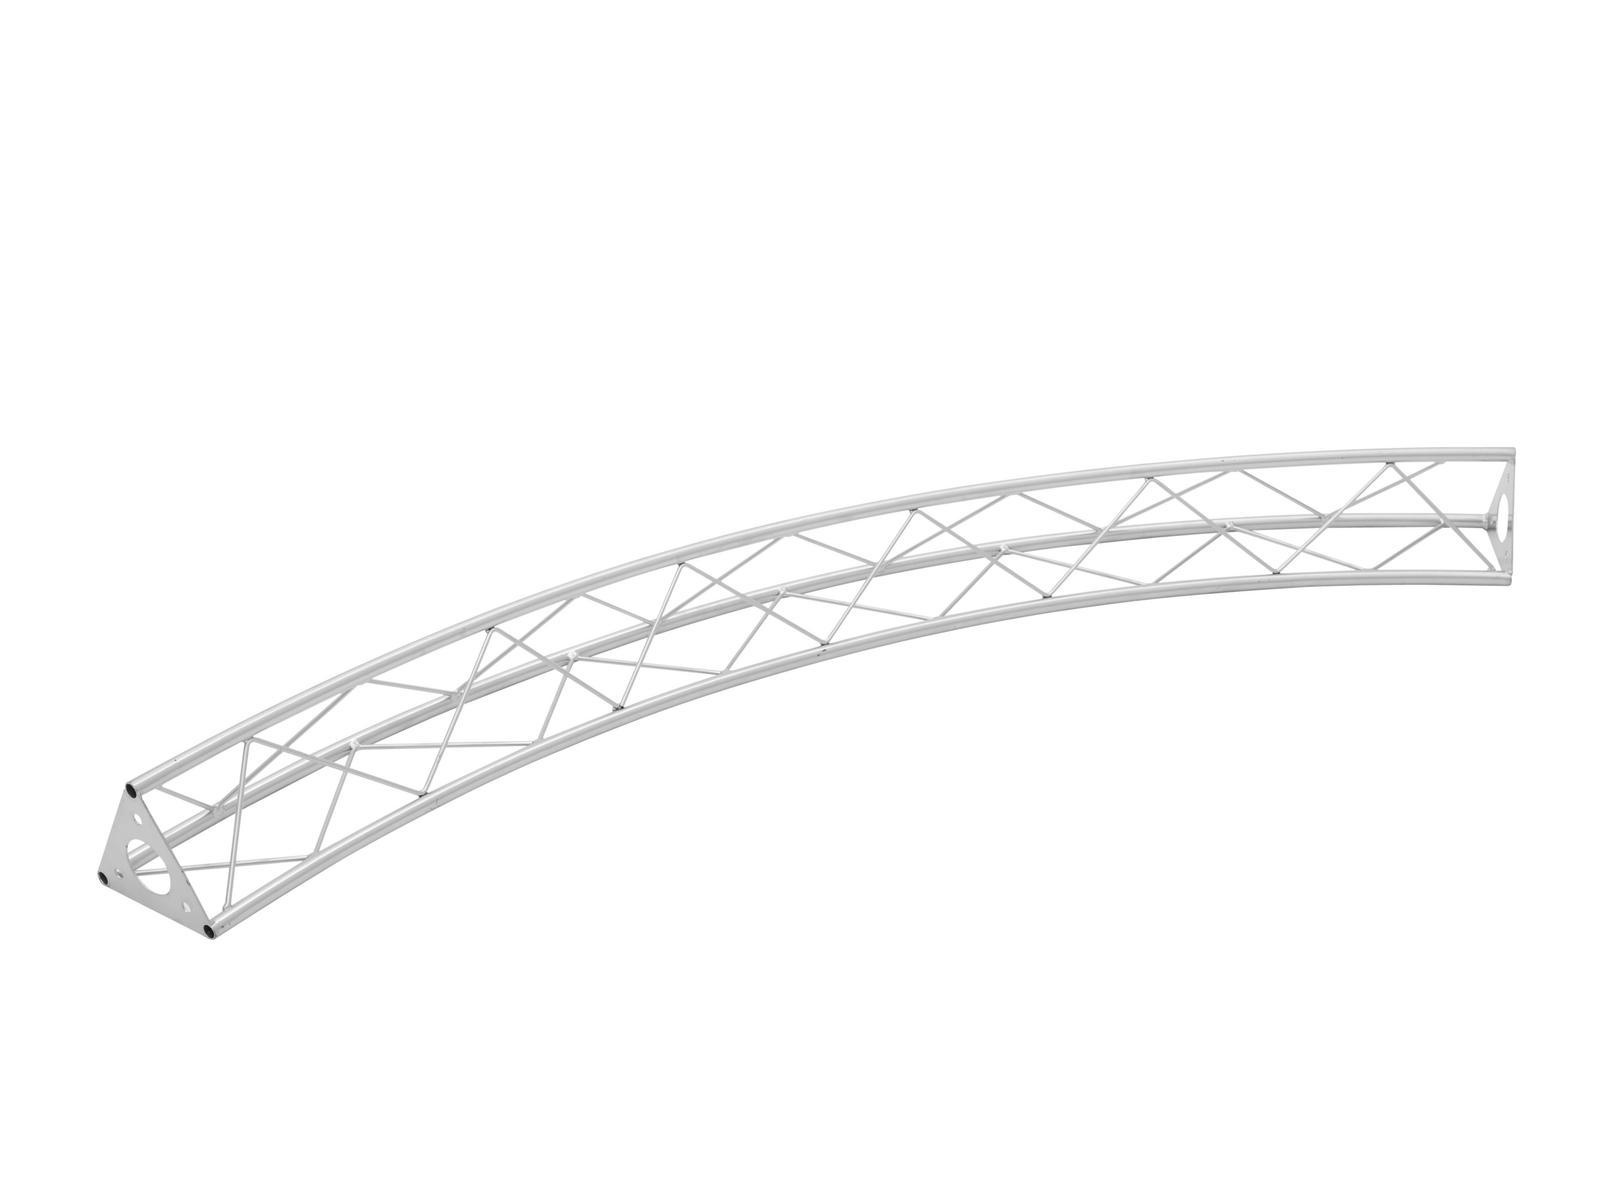 DECOTRUSS Kreissegment 1570mm für 3 Meter